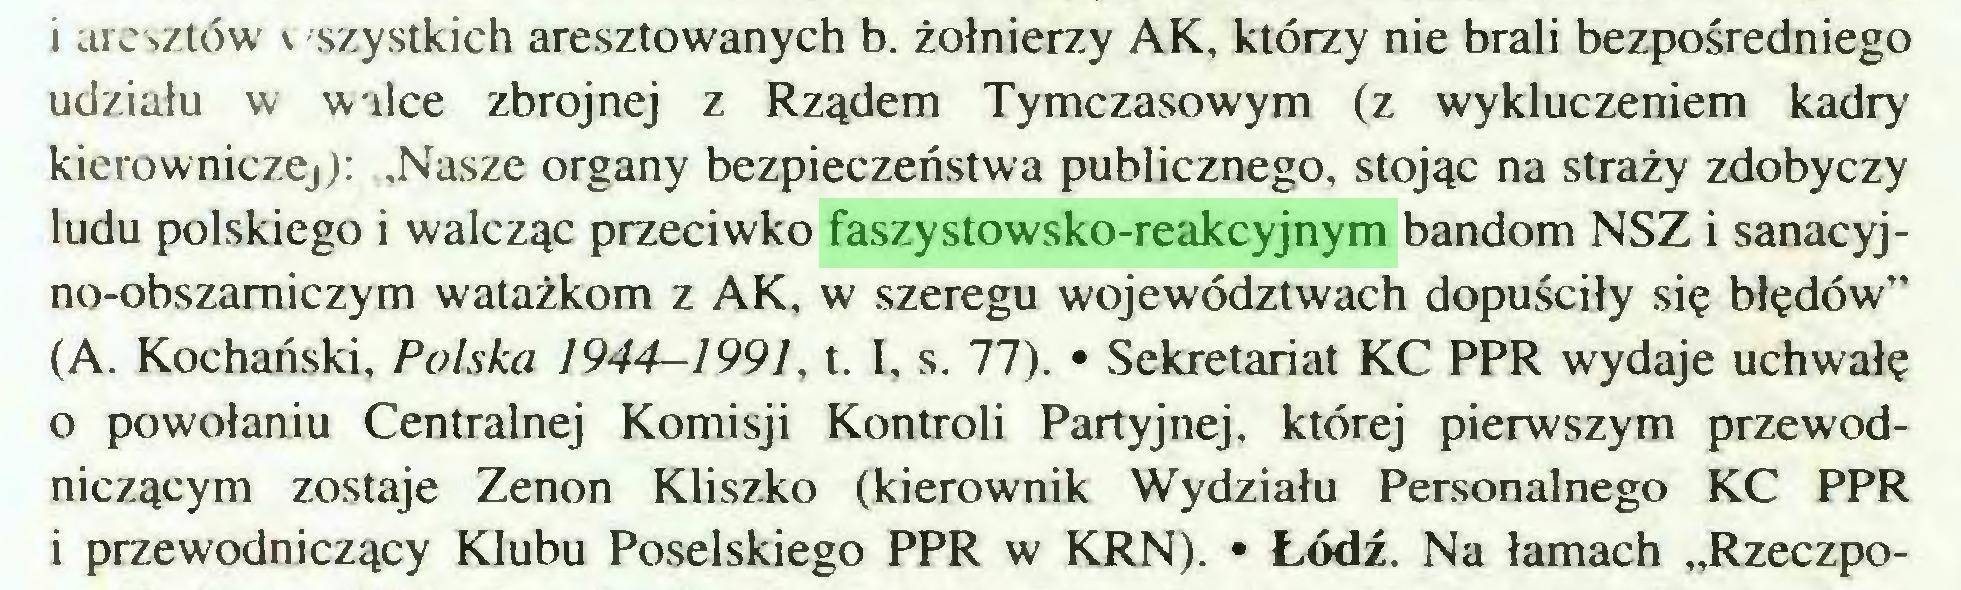 """(...) i aresztów \ 'szystkich aresztowanych b. żołnierzy AK, którzy nie brali bezpośredniego udziału w w ilce zbrojnej z Rządem Tymczasowym (z wykluczeniem kadry kierowniczej): .Nasze organy bezpieczeństwa publicznego, stojąc na straży zdobyczy ludu polskiego i walcząc przeciwko faszystowsko-reakcyjnym bandom NSZ i sanacyjno-obszamiczym watażkom z AK, w szeregu województwach dopuściły się błędów"""" (A. Kochański, Polska 1944—1991, t. I, s. 77). • Sekretariat KC PPR wydaje uchwałę 0 powołaniu Centralnej Komisji Kontroli Partyjnej, której pierwszym przewodniczącym zostaje Zenon Kliszko (kierownik Wydziału Personalnego KC PPR 1 przewodniczący Klubu Poselskiego PPR w KRN). • Łódź. Na łamach """"Rzeczpo..."""